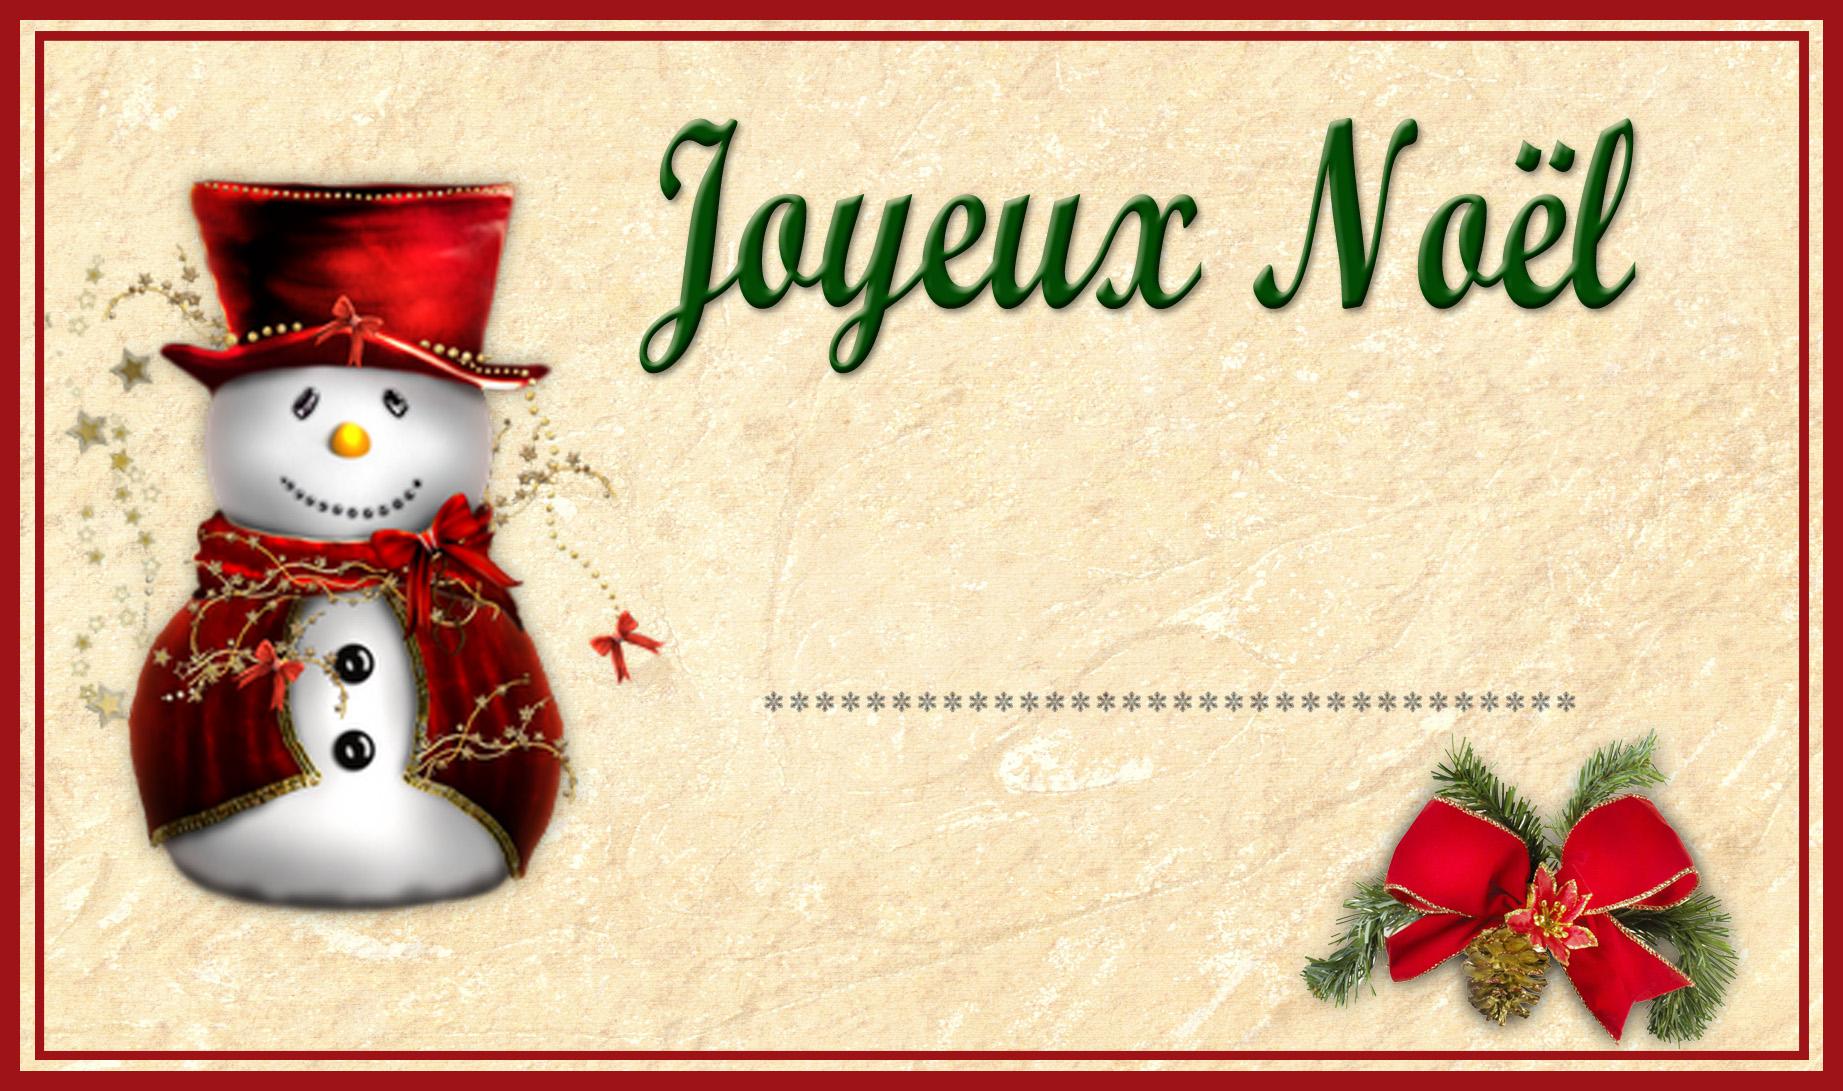 Hervorragend Etiquettes de Noël à Imprimer - Chez-Mireille D OW06